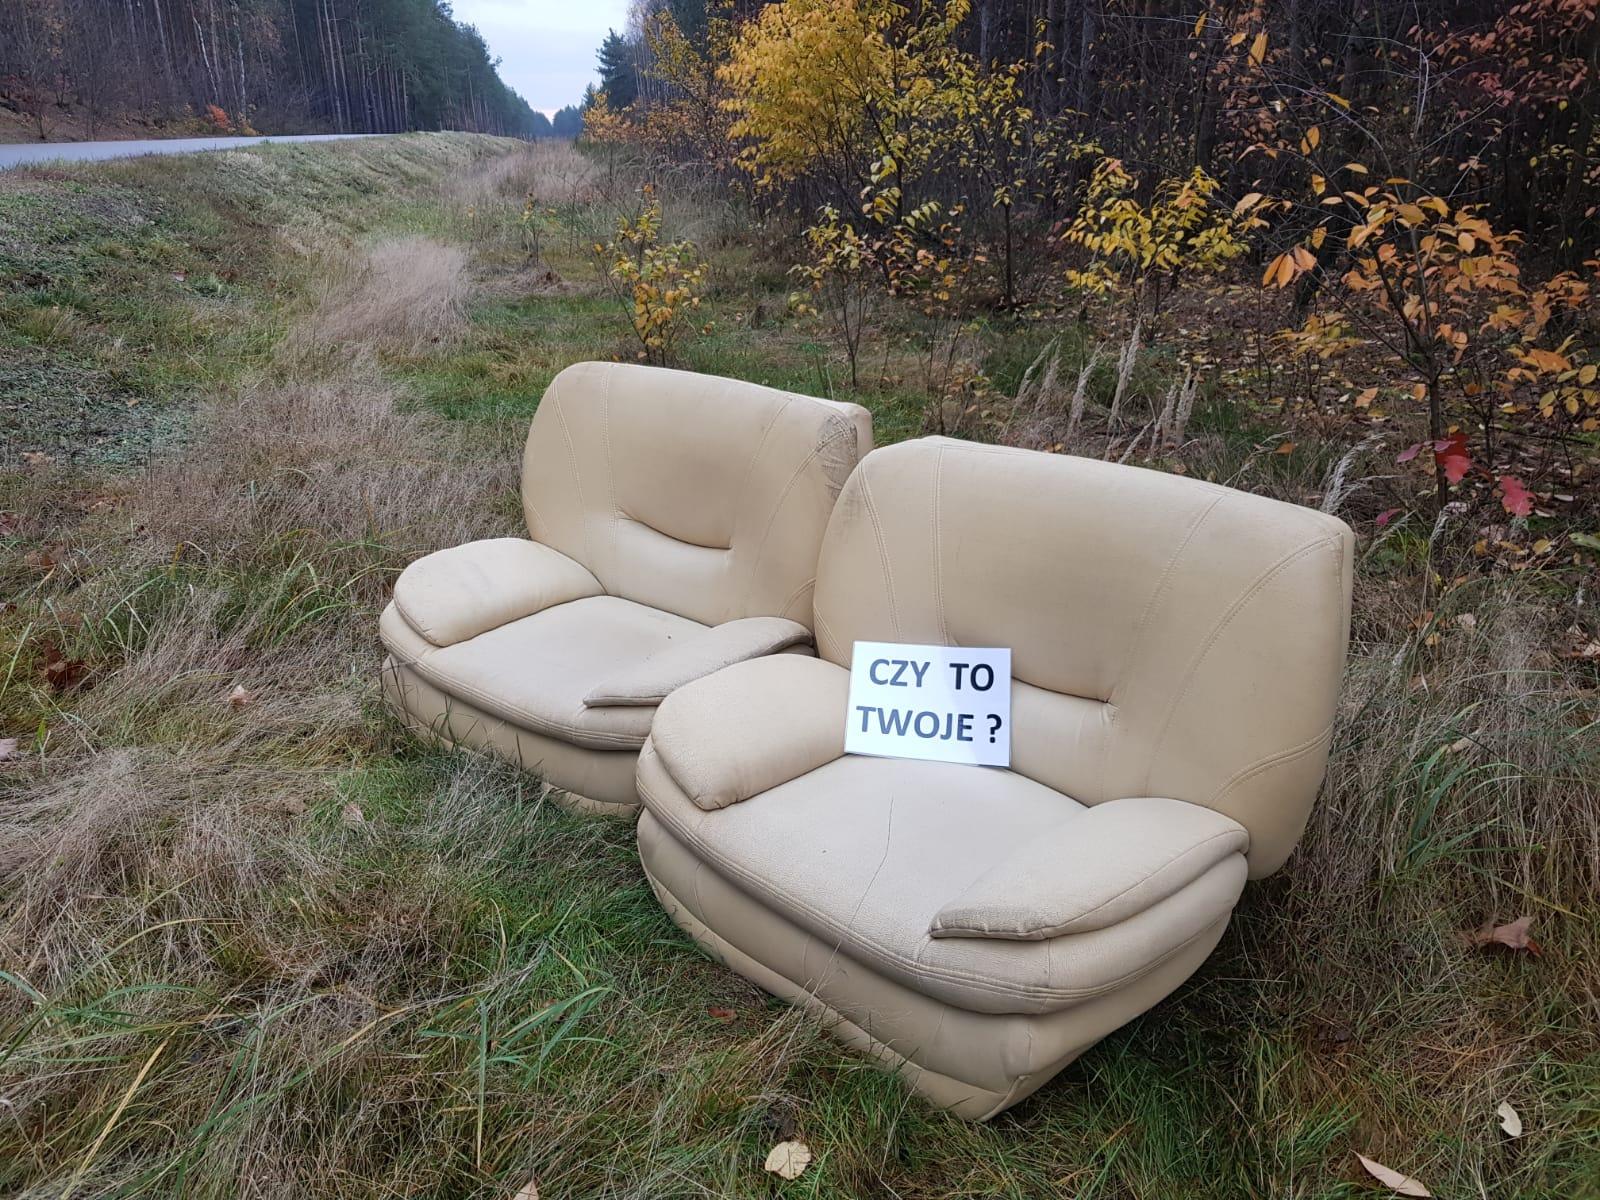 Fotele czekają na pana! - Zdjęcie główne